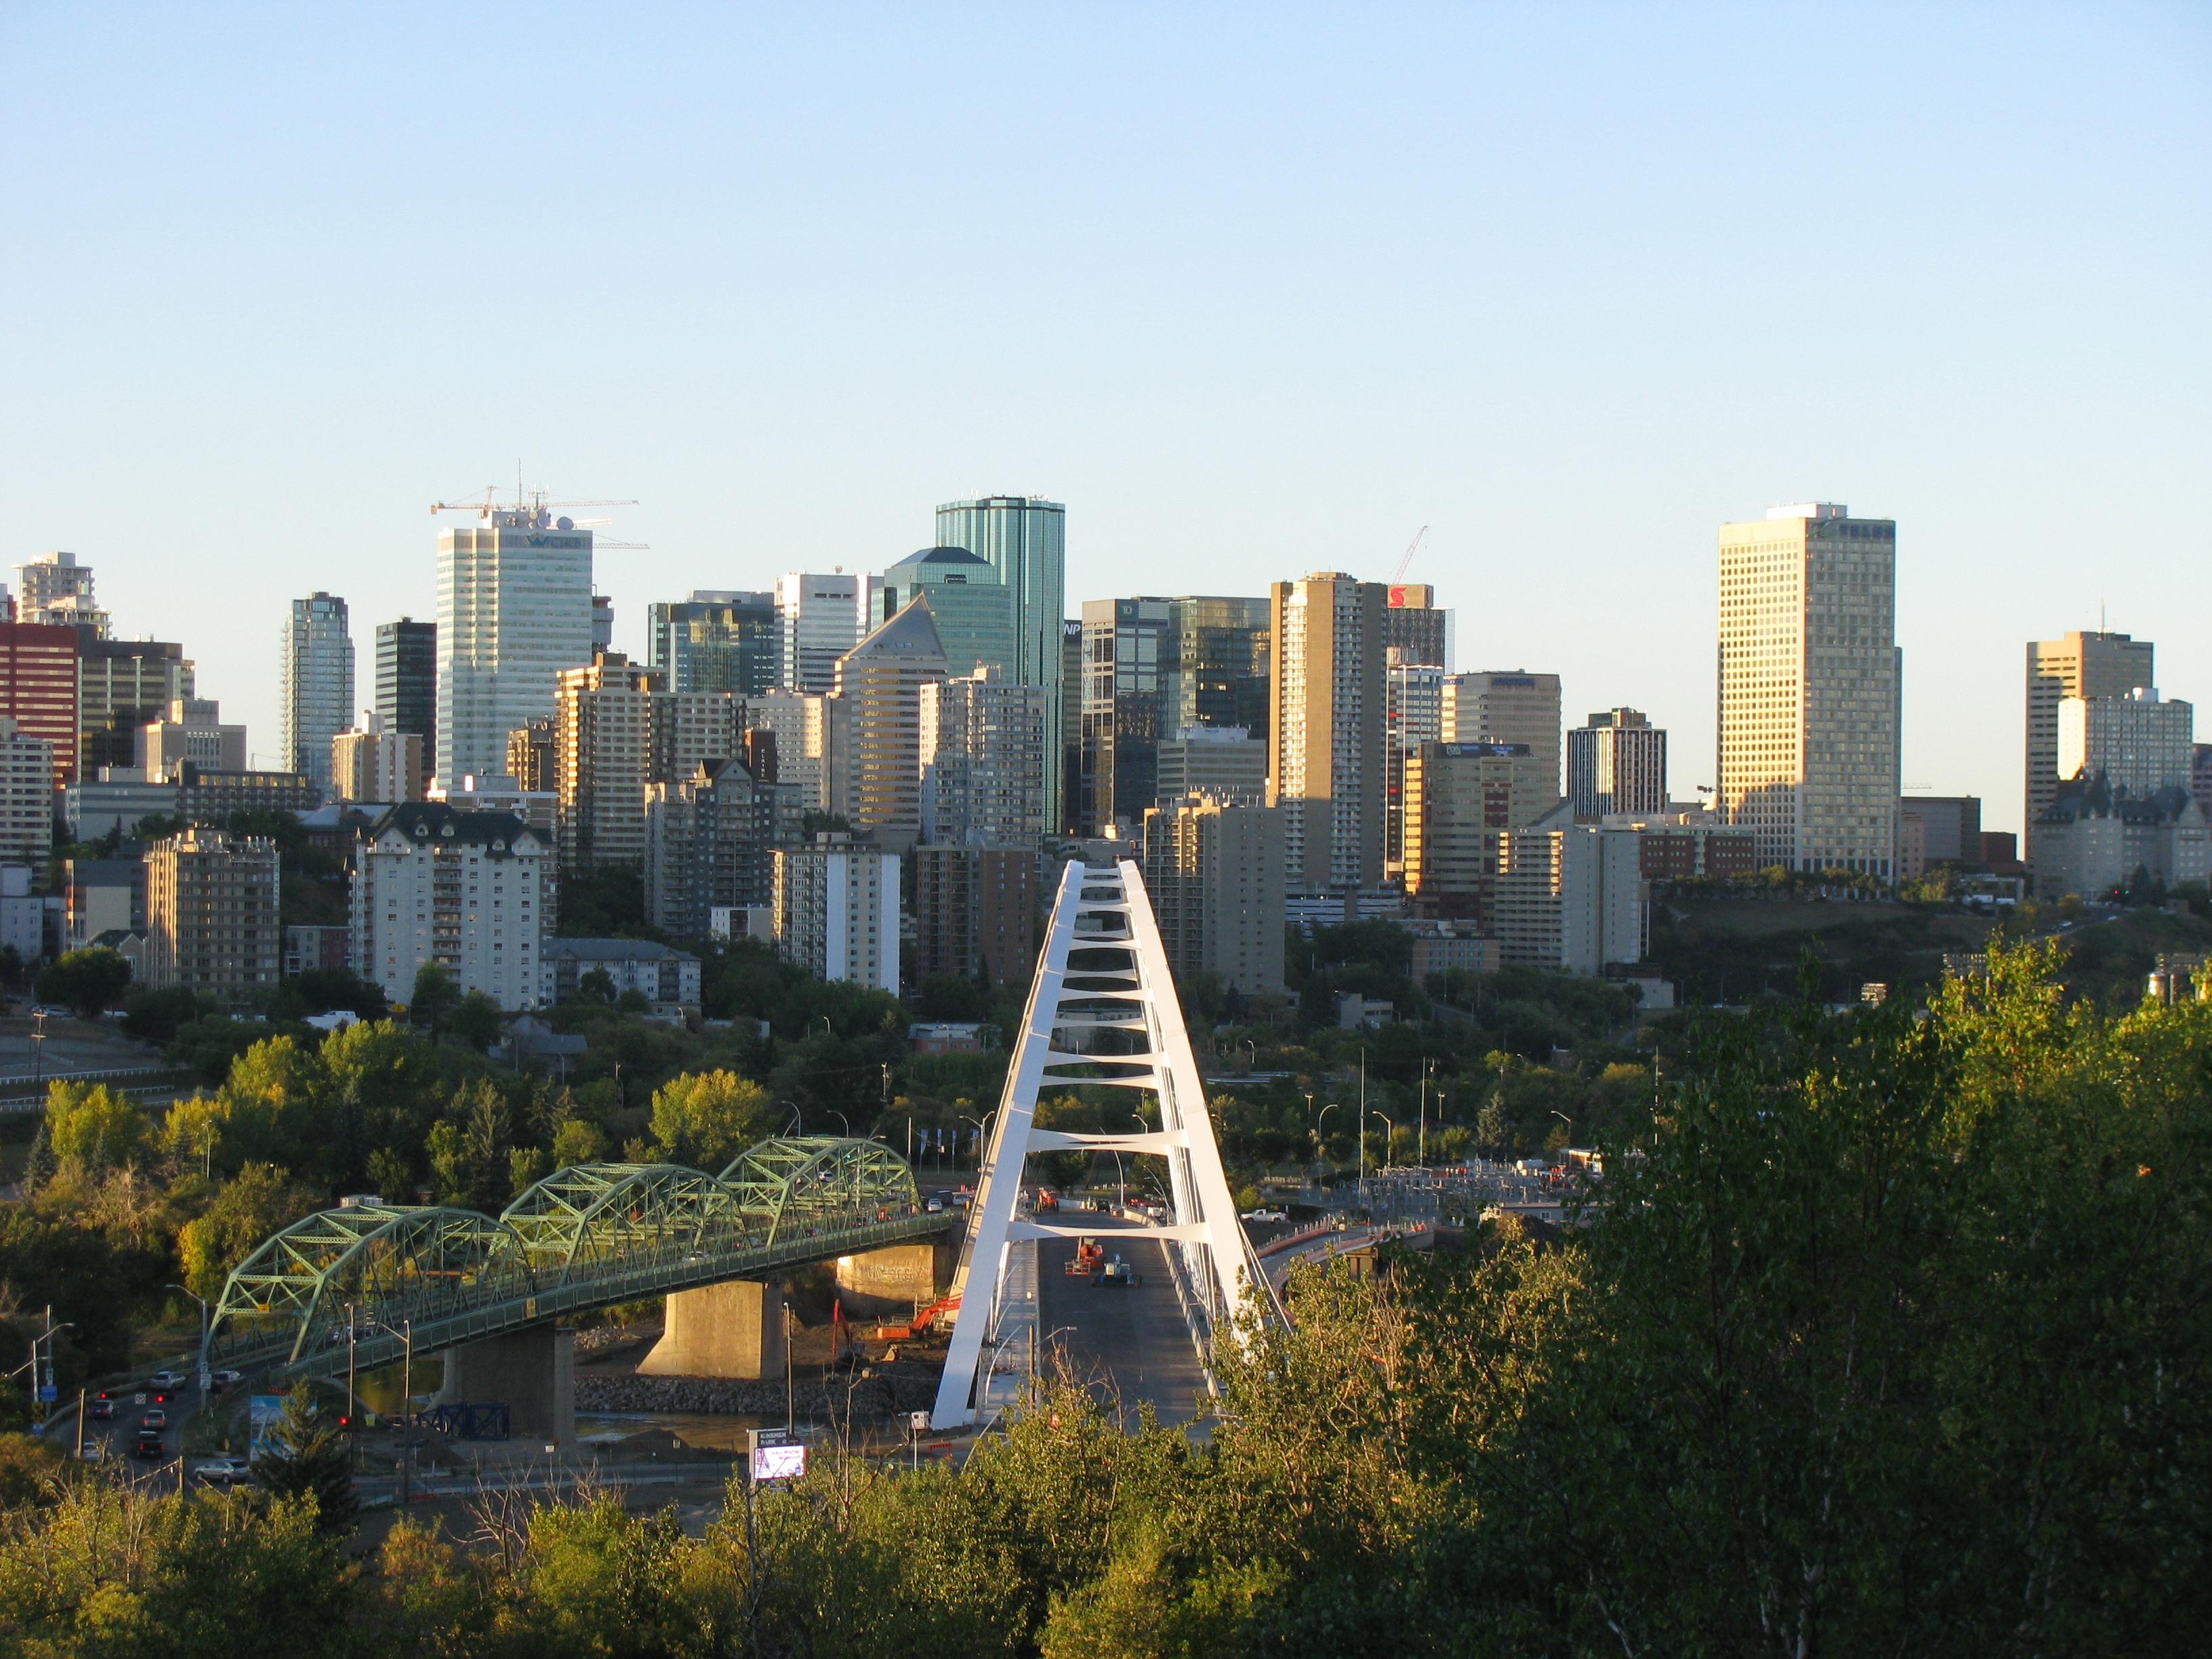 Strathcona Edmonton View